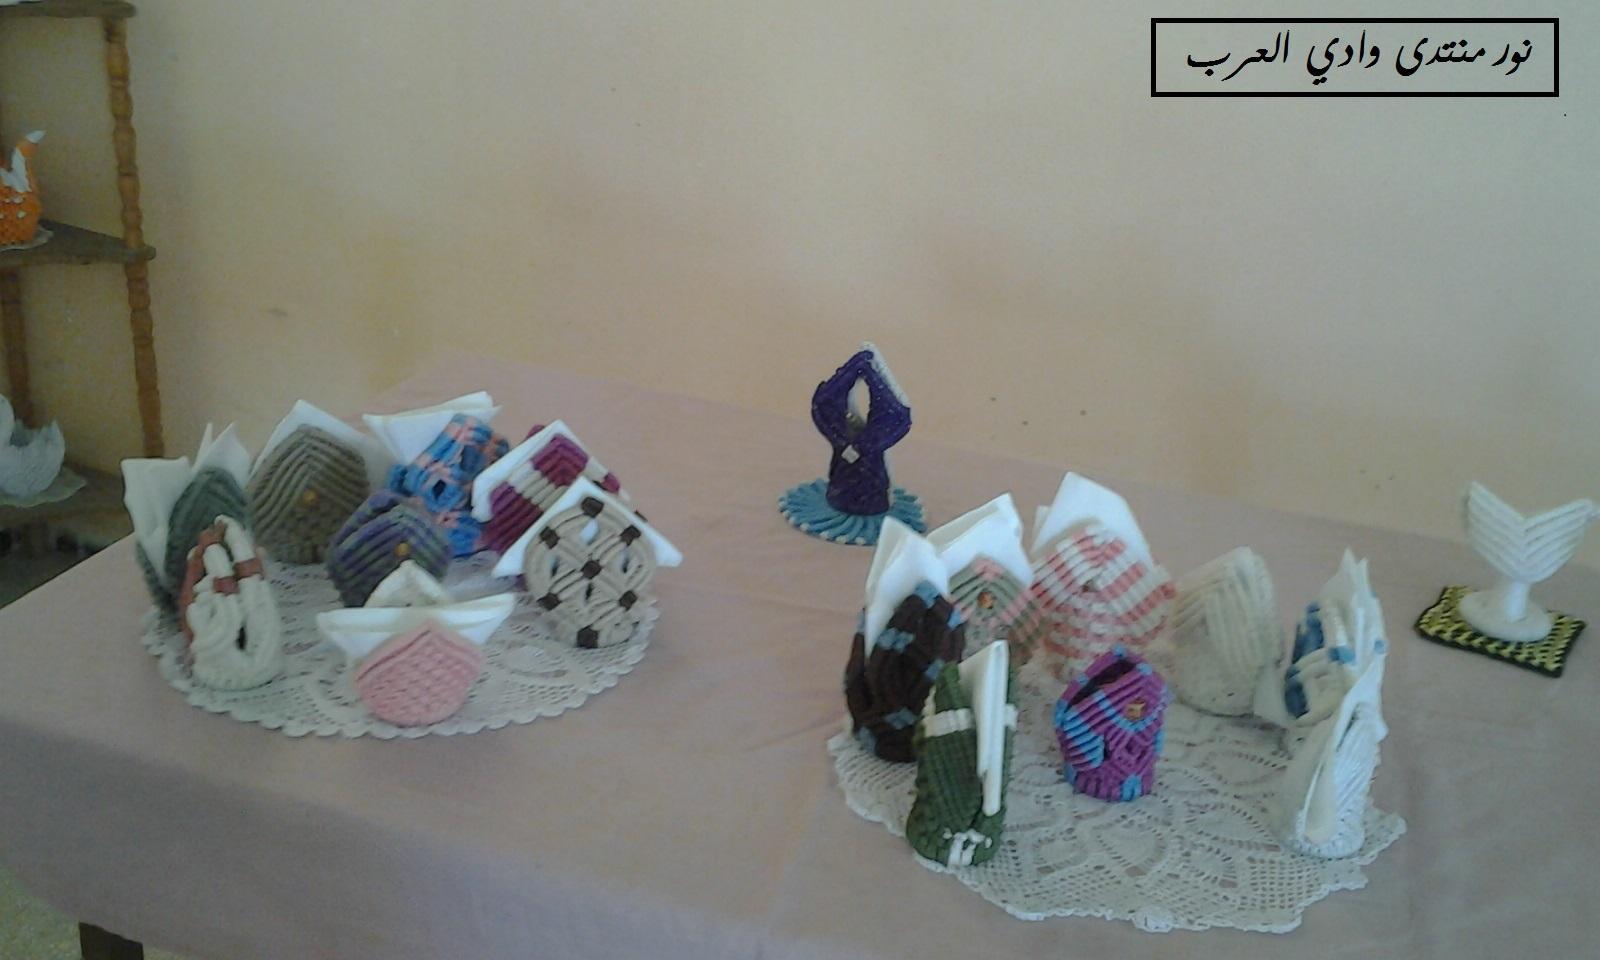 معرض خاص بإنجازات  المتخرجات من فرع الماكرامي بمركز زريبة الوادي 775992695